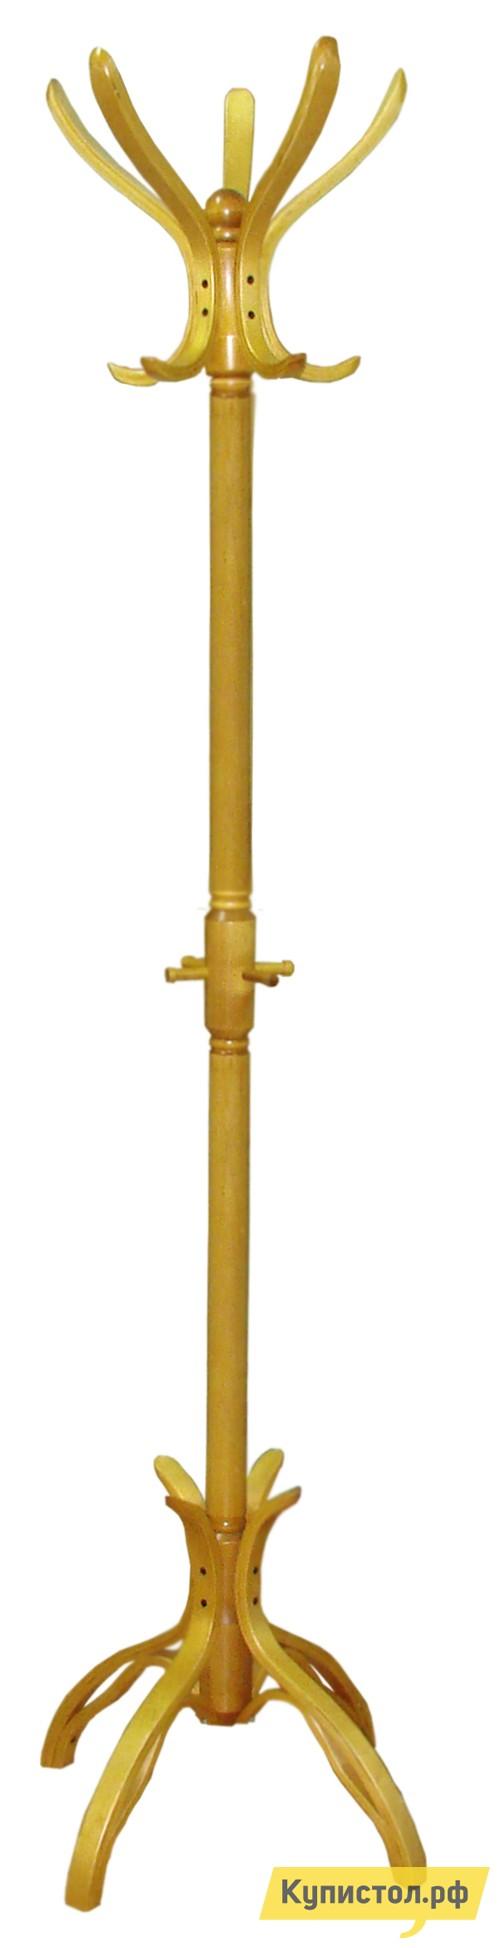 Напольная вешалка Мебелик В 12Н Светло-коричневый